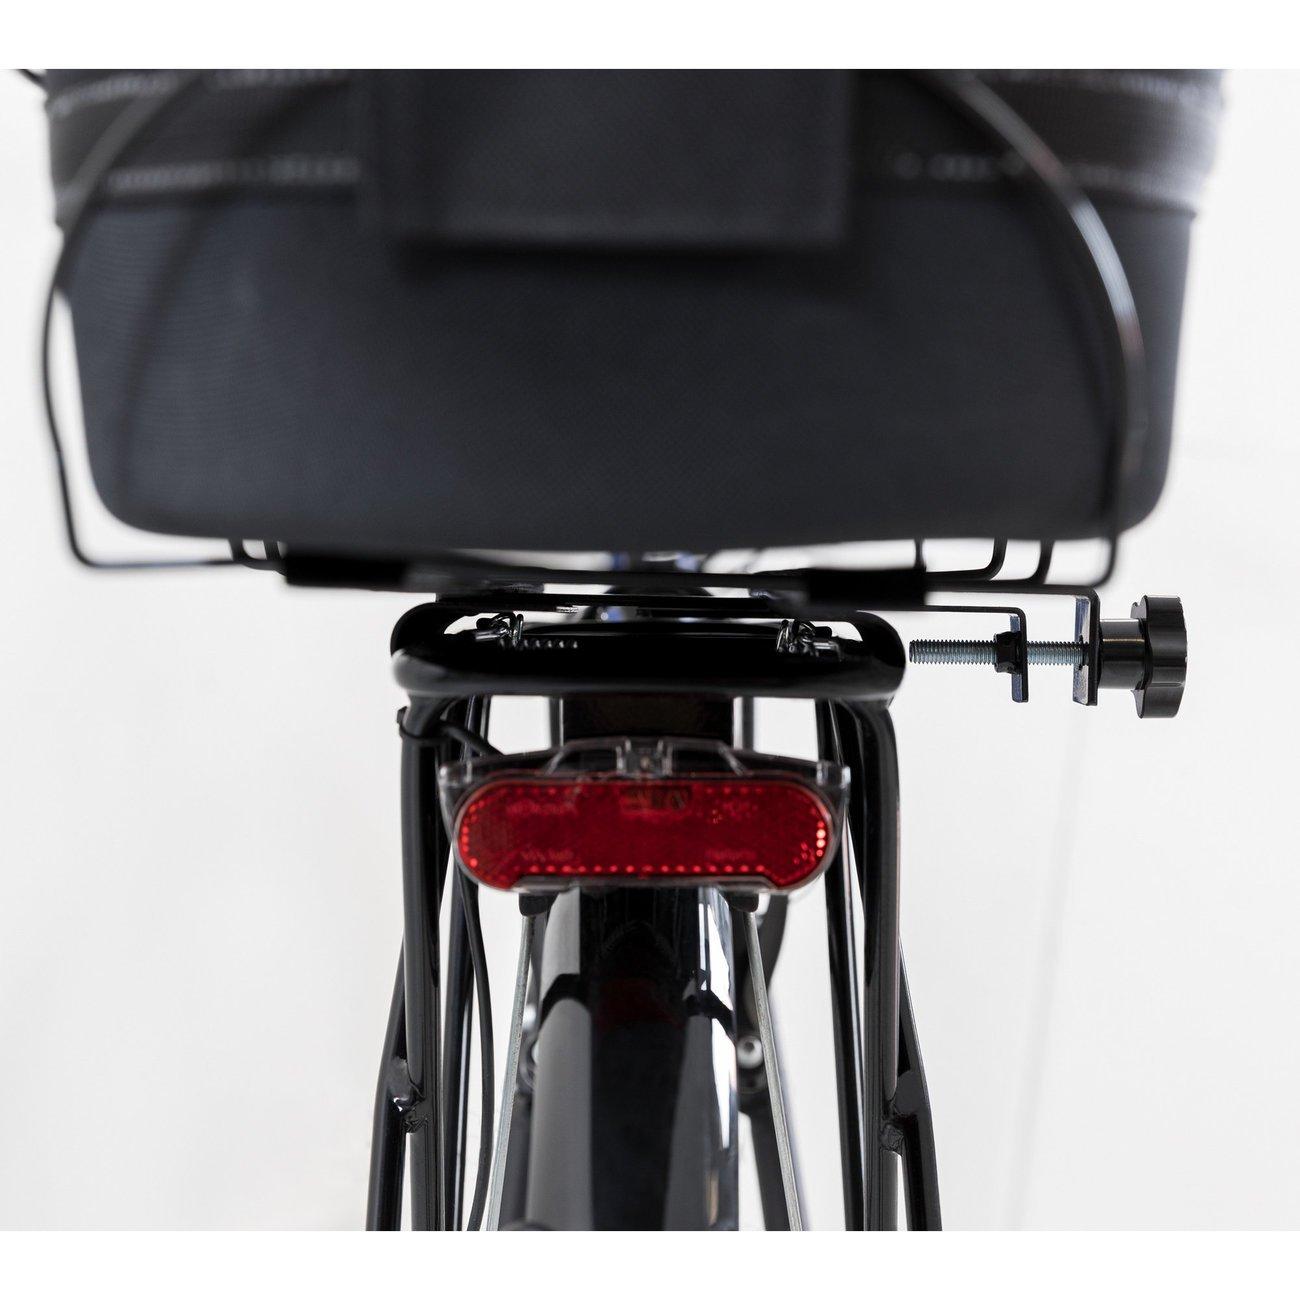 TRIXIE Hunde Fahrradkorb Long für breite Gepäckträger 13110, Bild 12